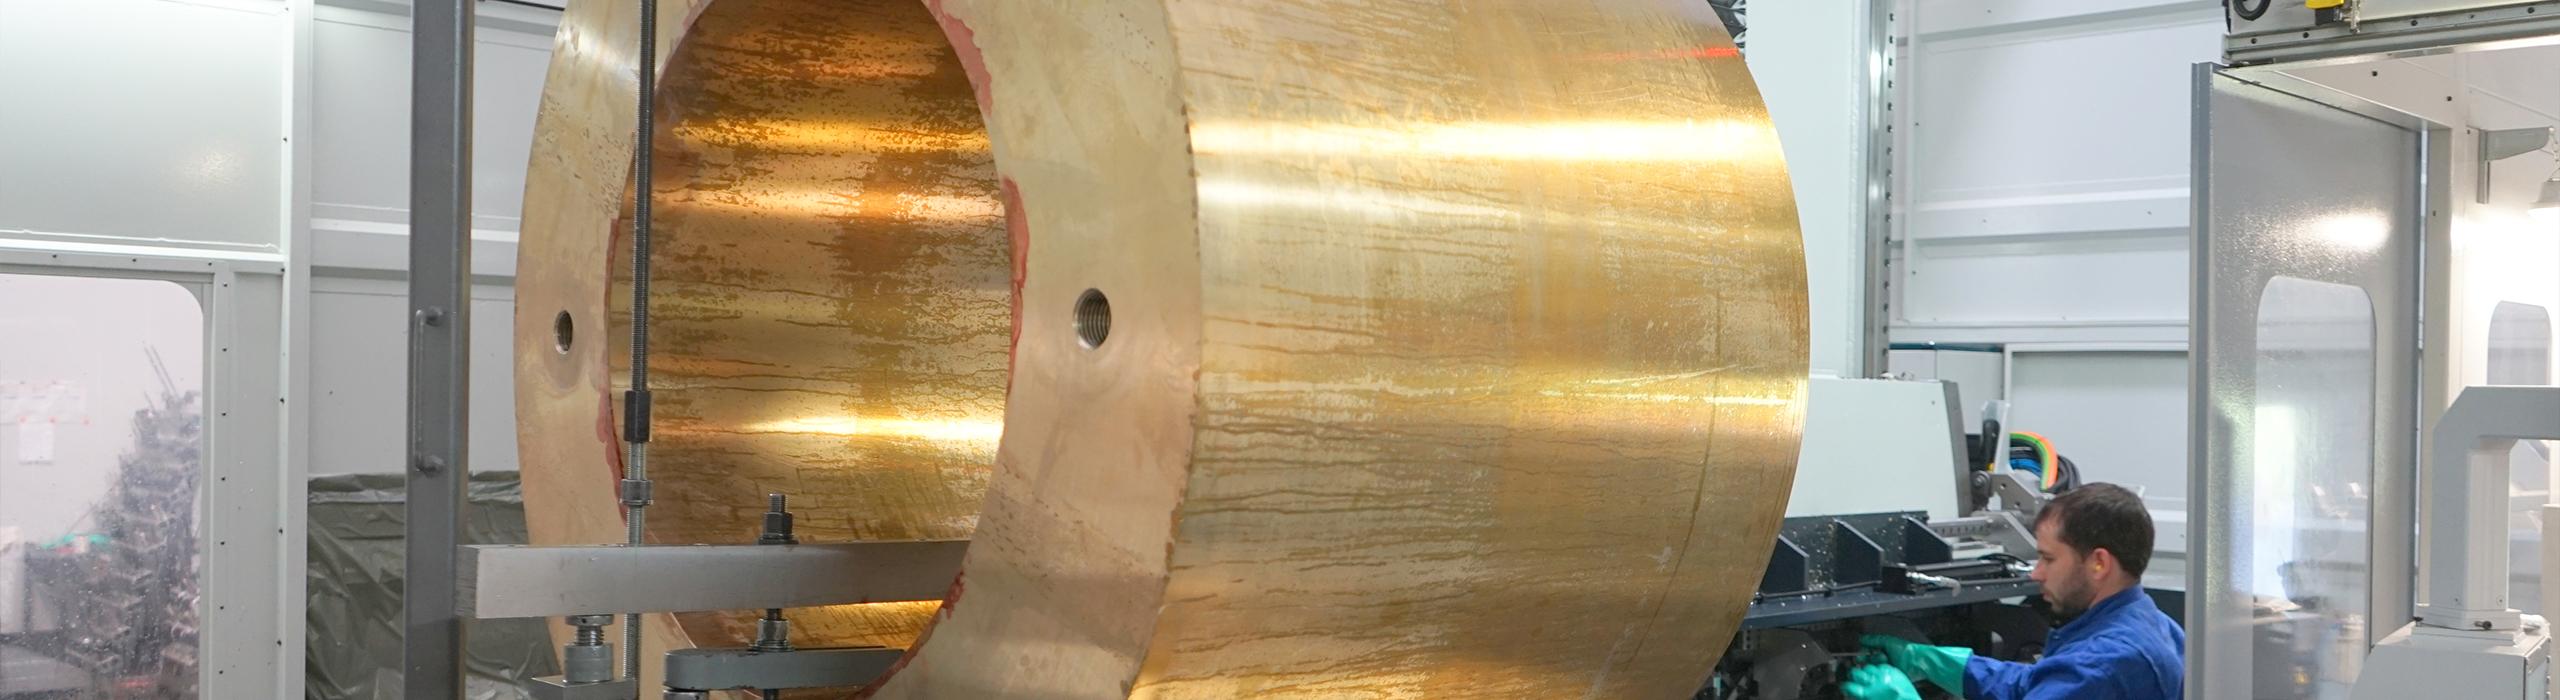 RSB-Stahl-tiefbohren-header4